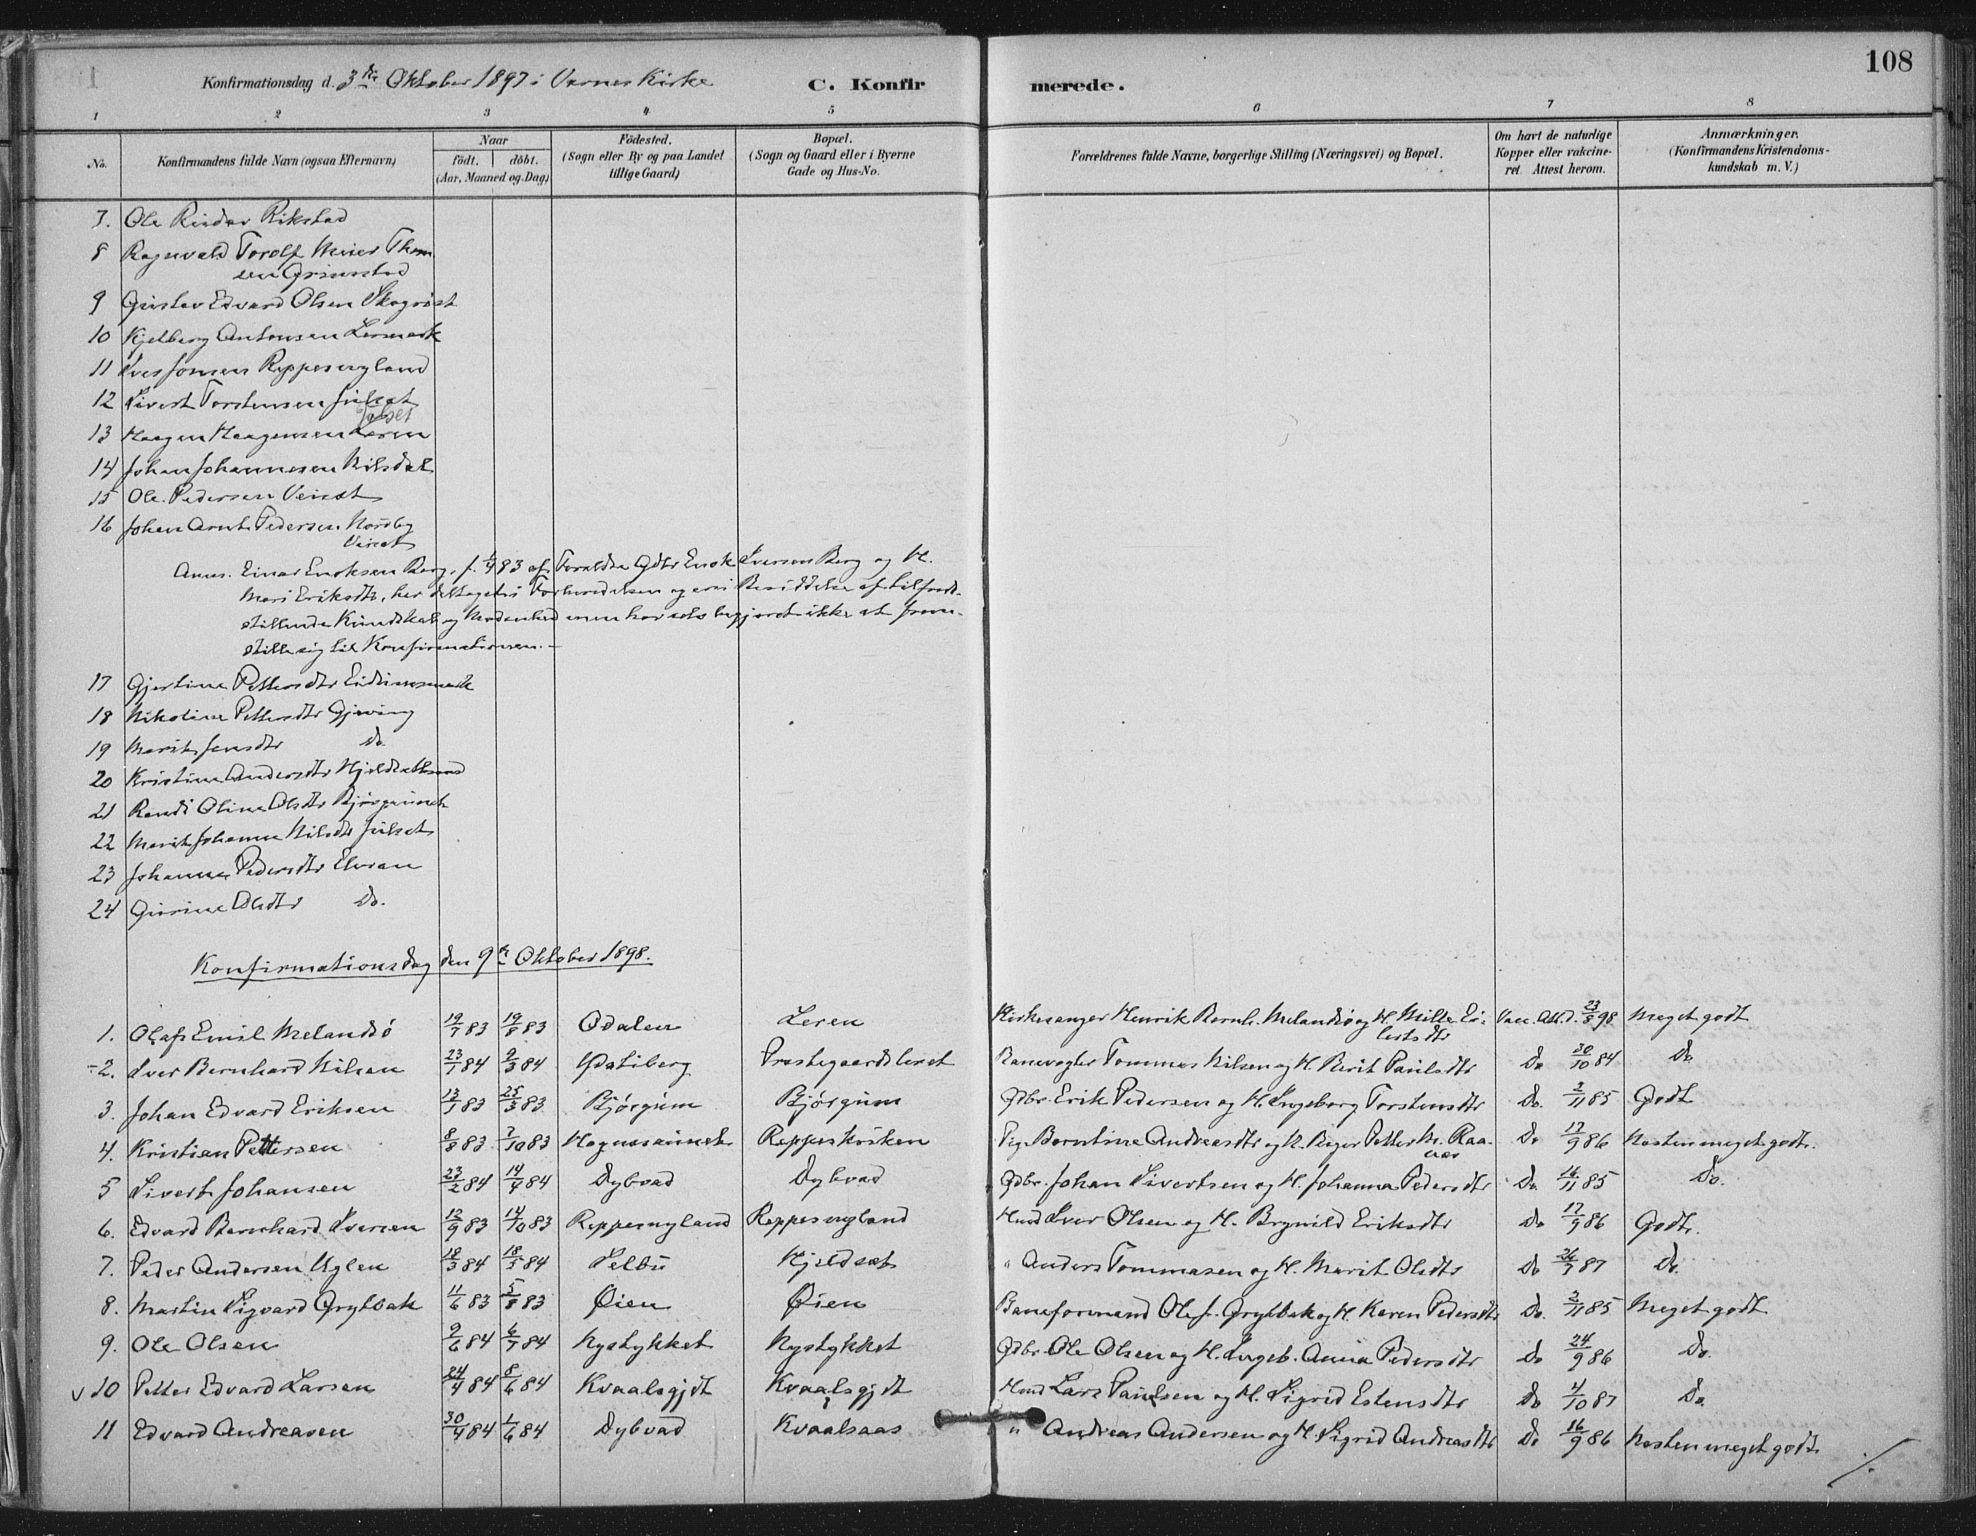 SAT, Ministerialprotokoller, klokkerbøker og fødselsregistre - Nord-Trøndelag, 710/L0095: Ministerialbok nr. 710A01, 1880-1914, s. 108